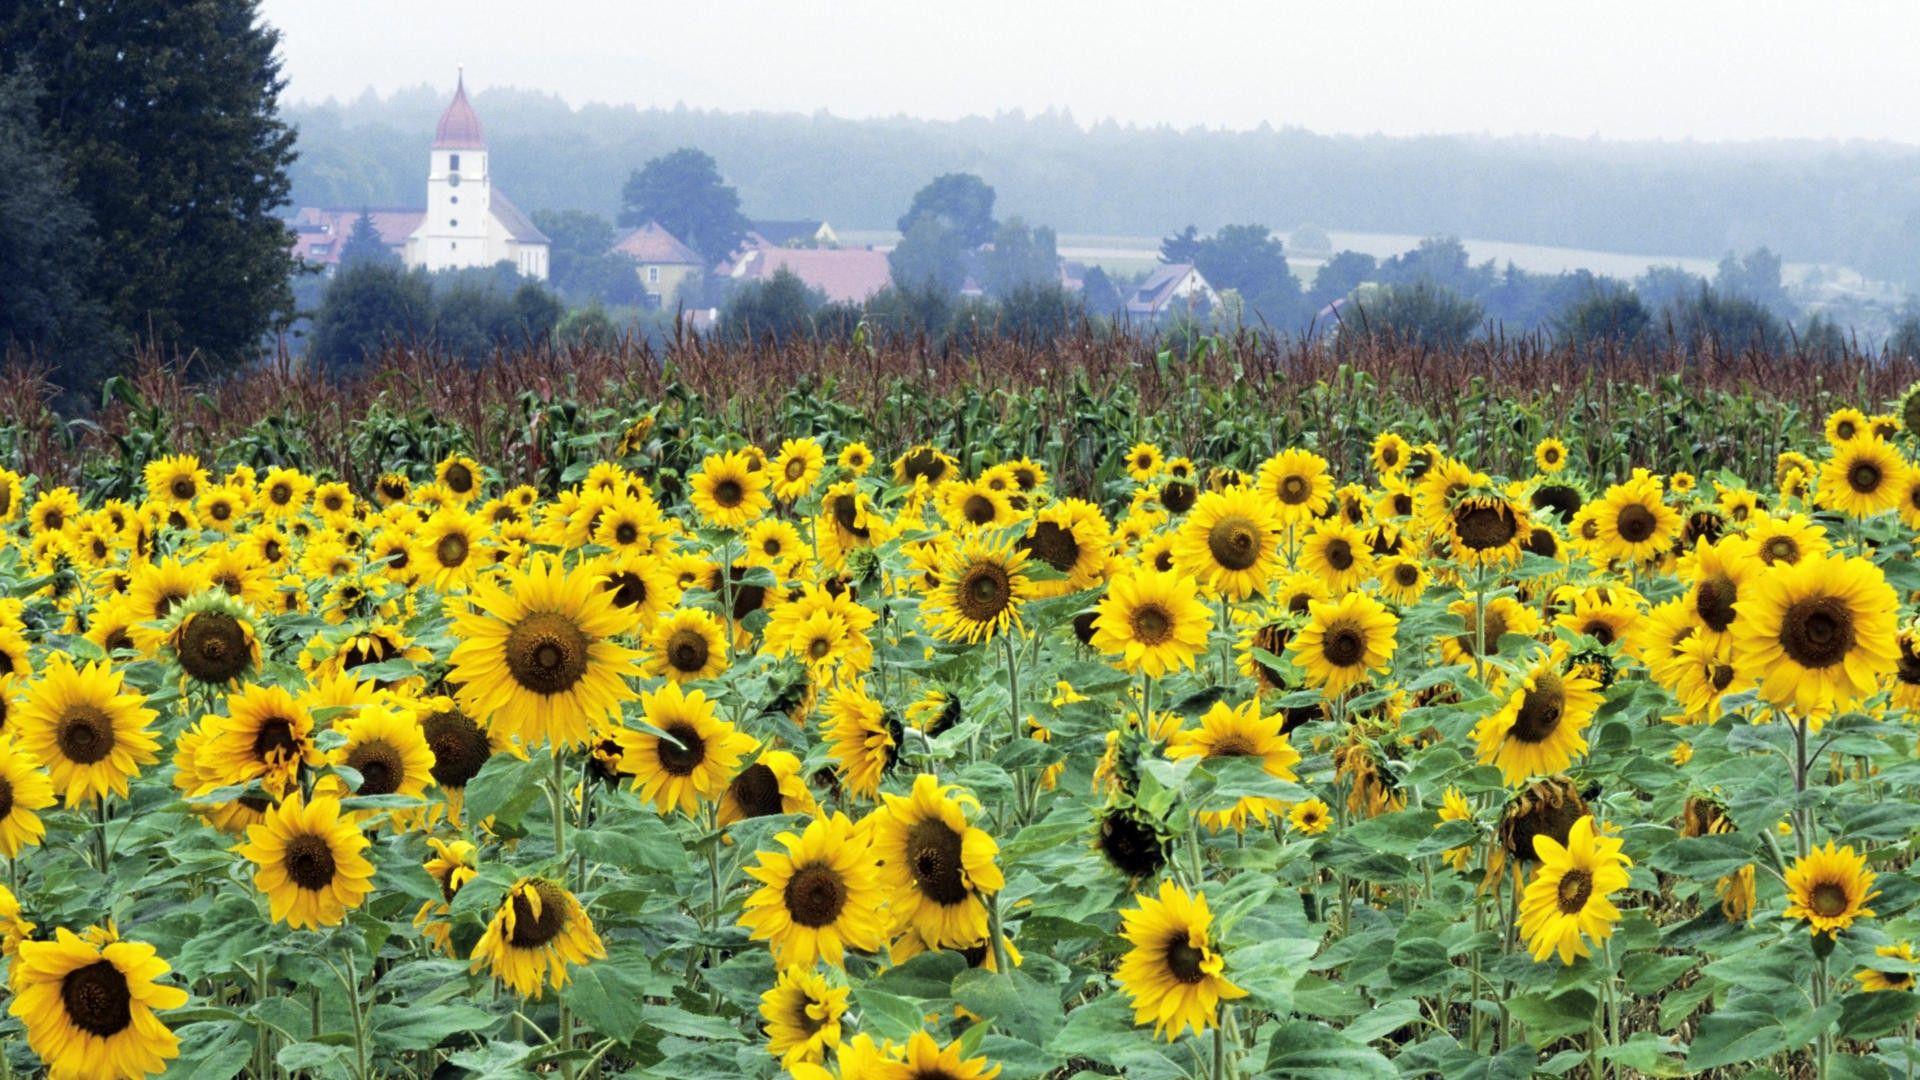 Sunflower fields in Germany